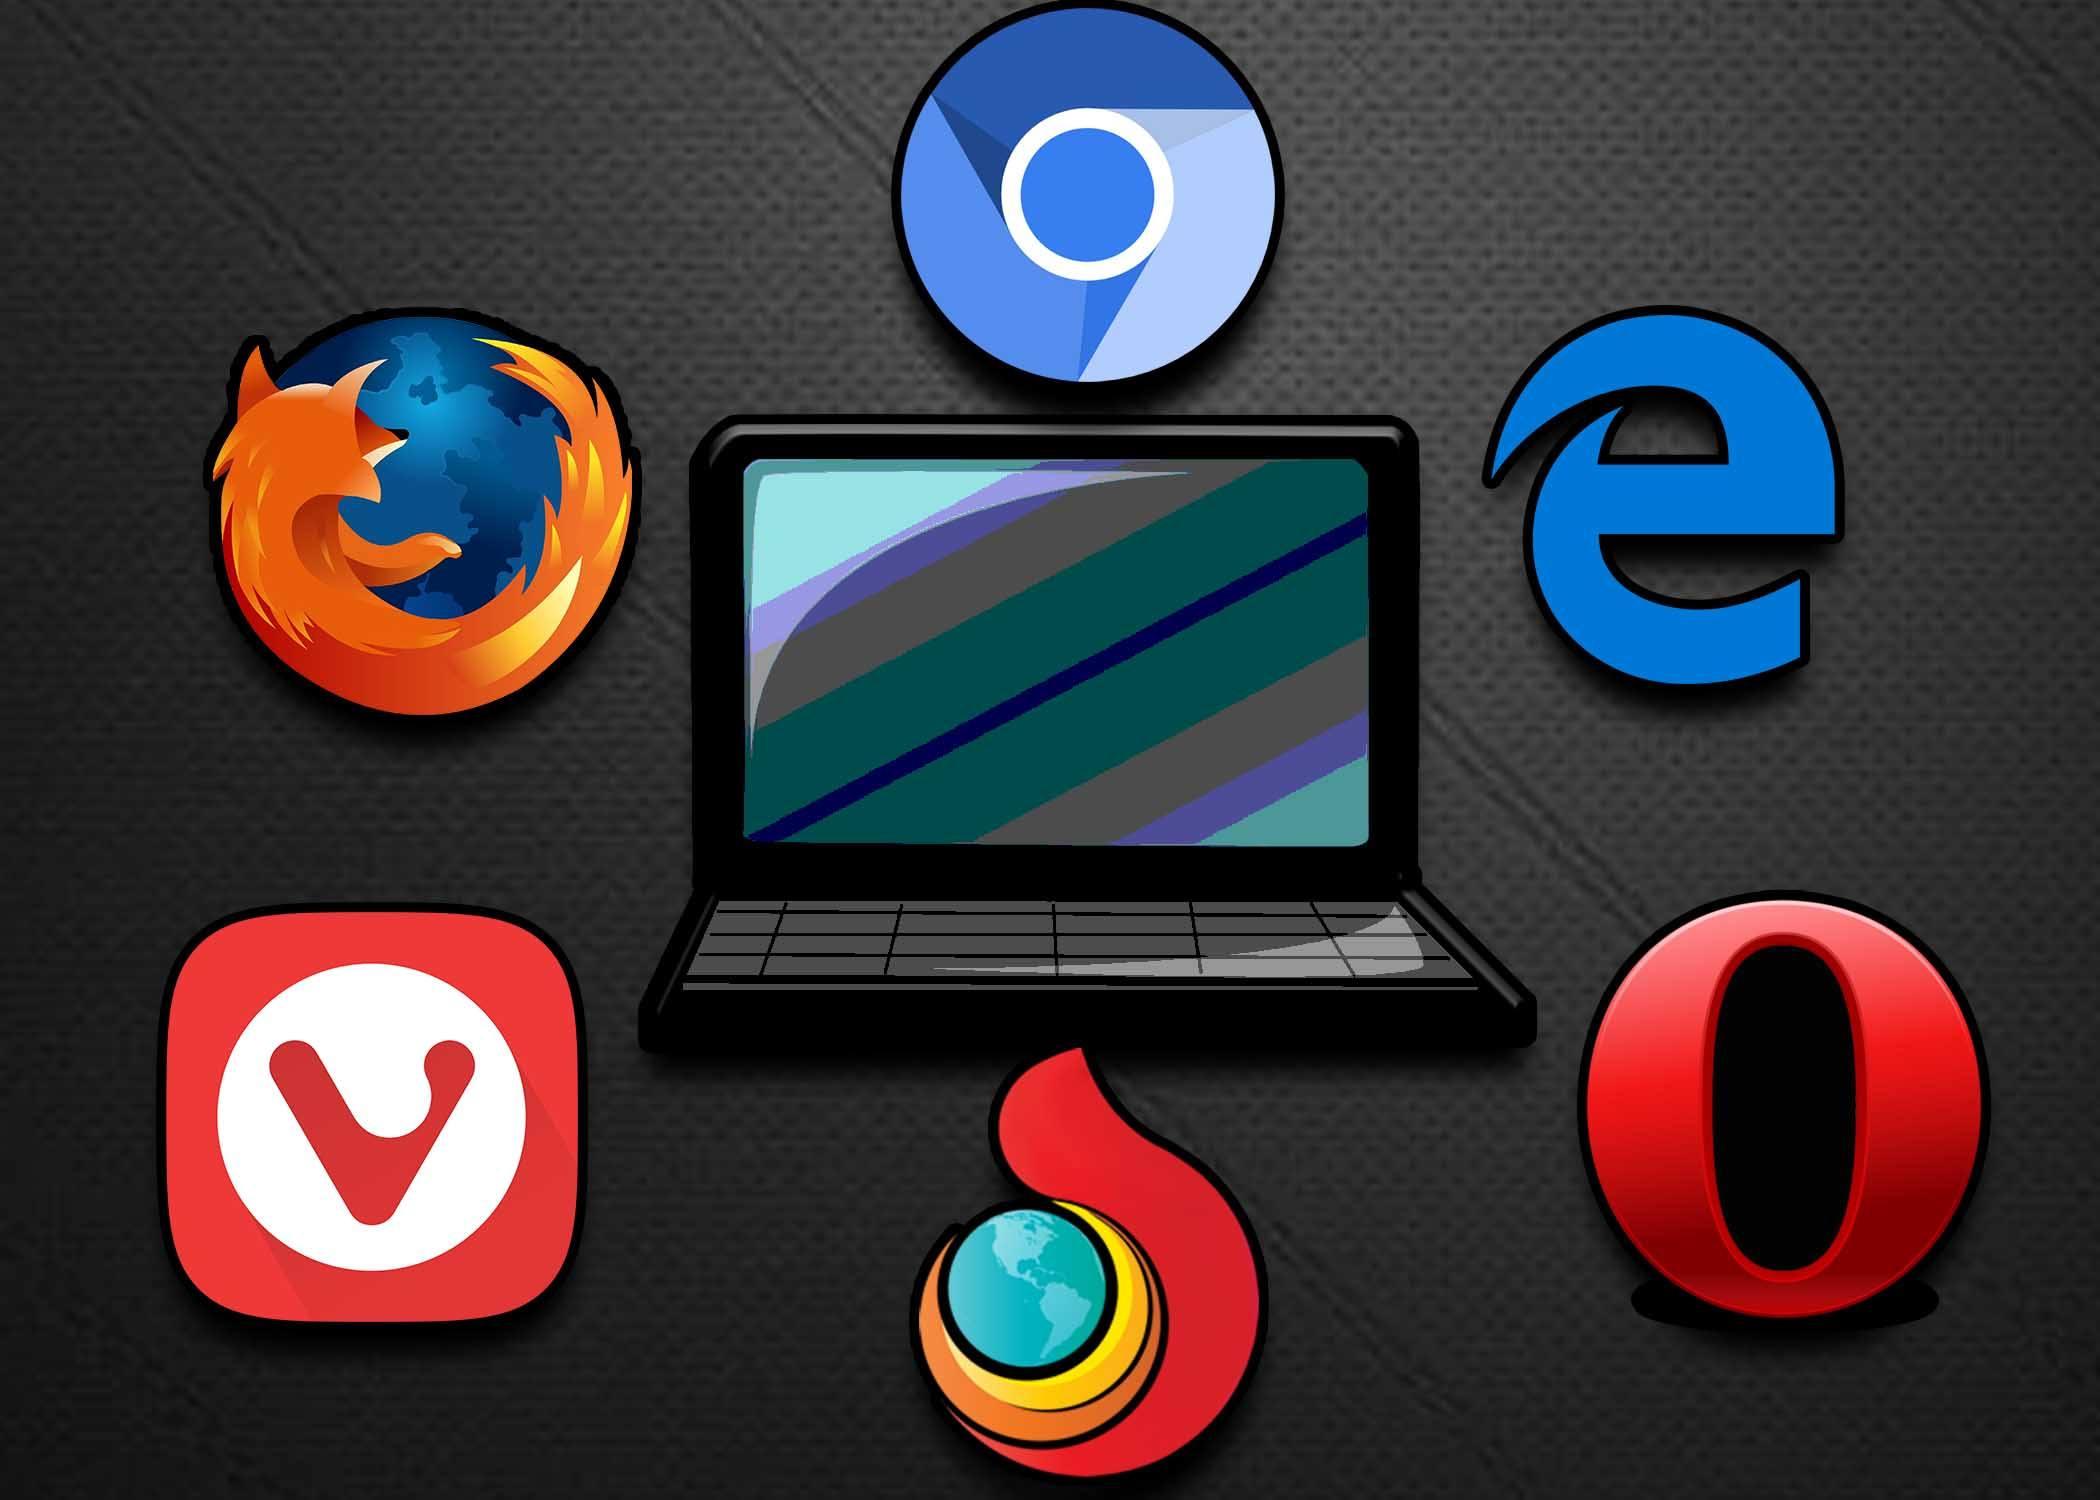 Проведено исследование степени защиты частных данных поисковиками